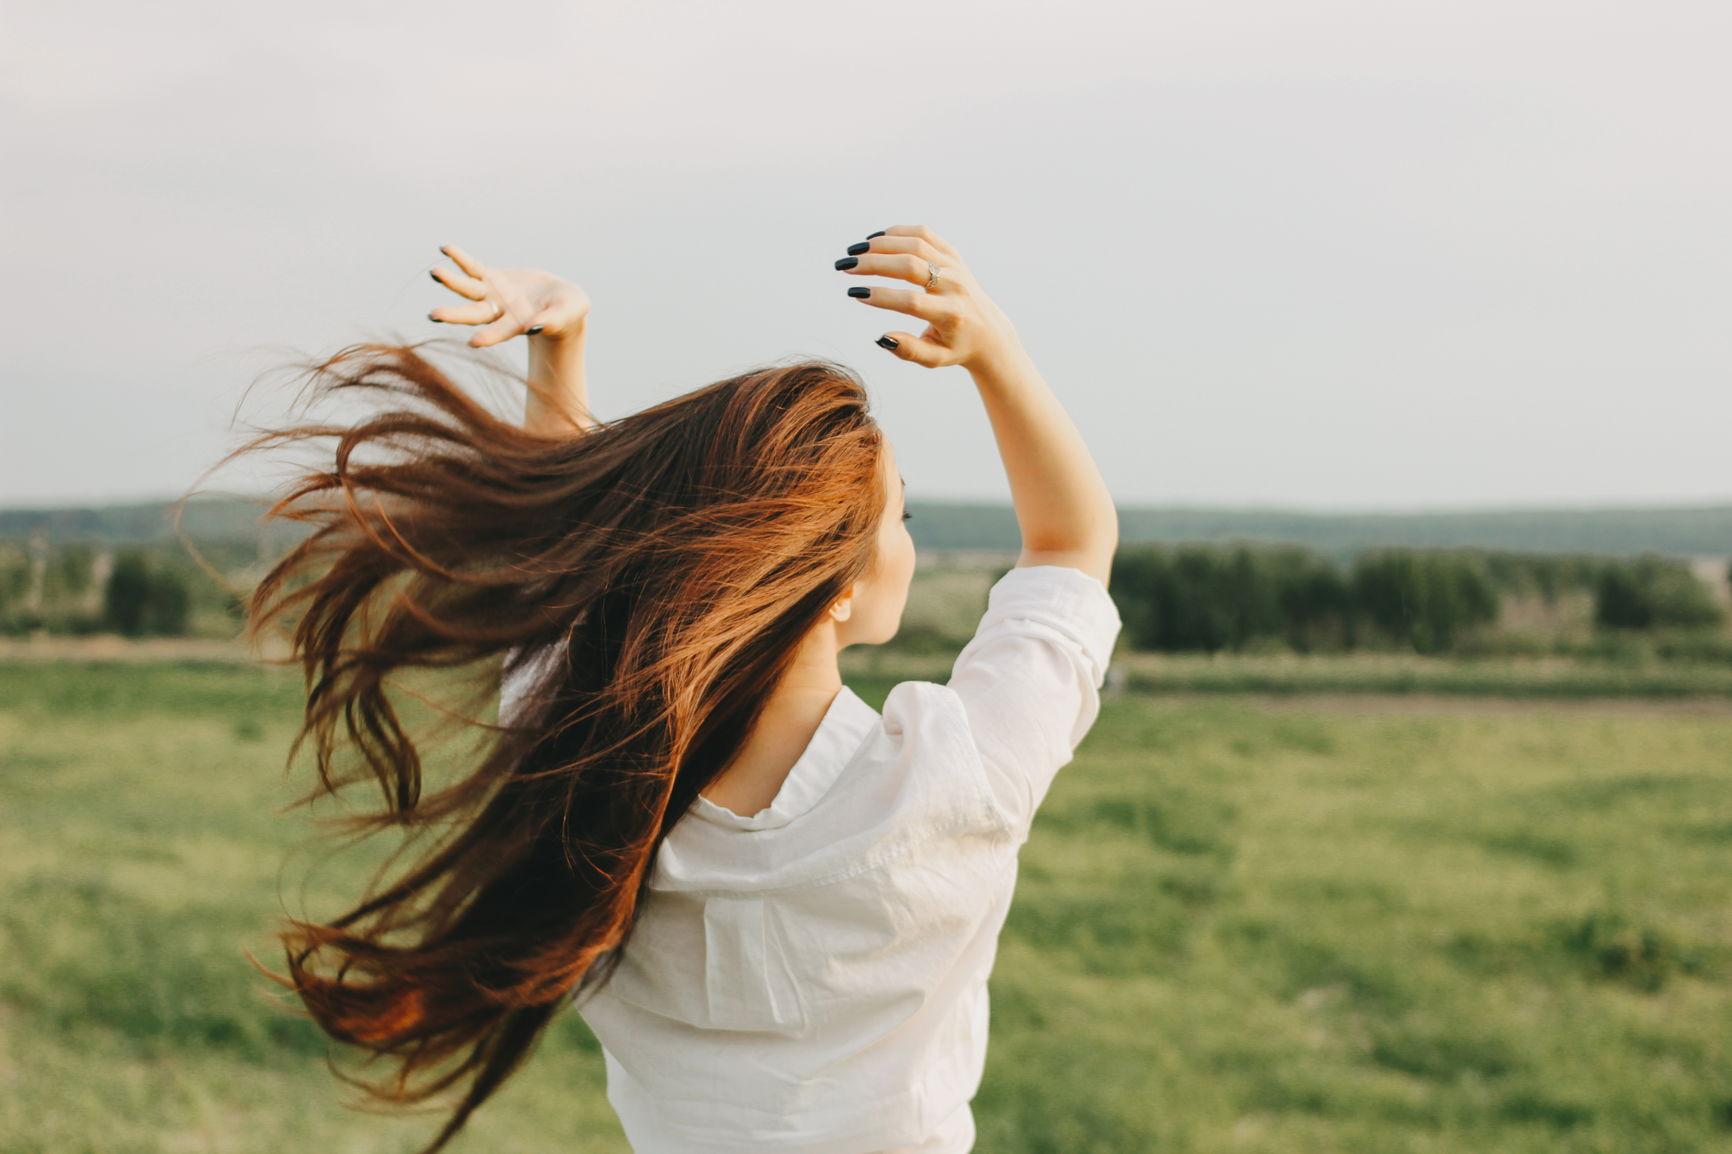 få håret til å vokse fortere